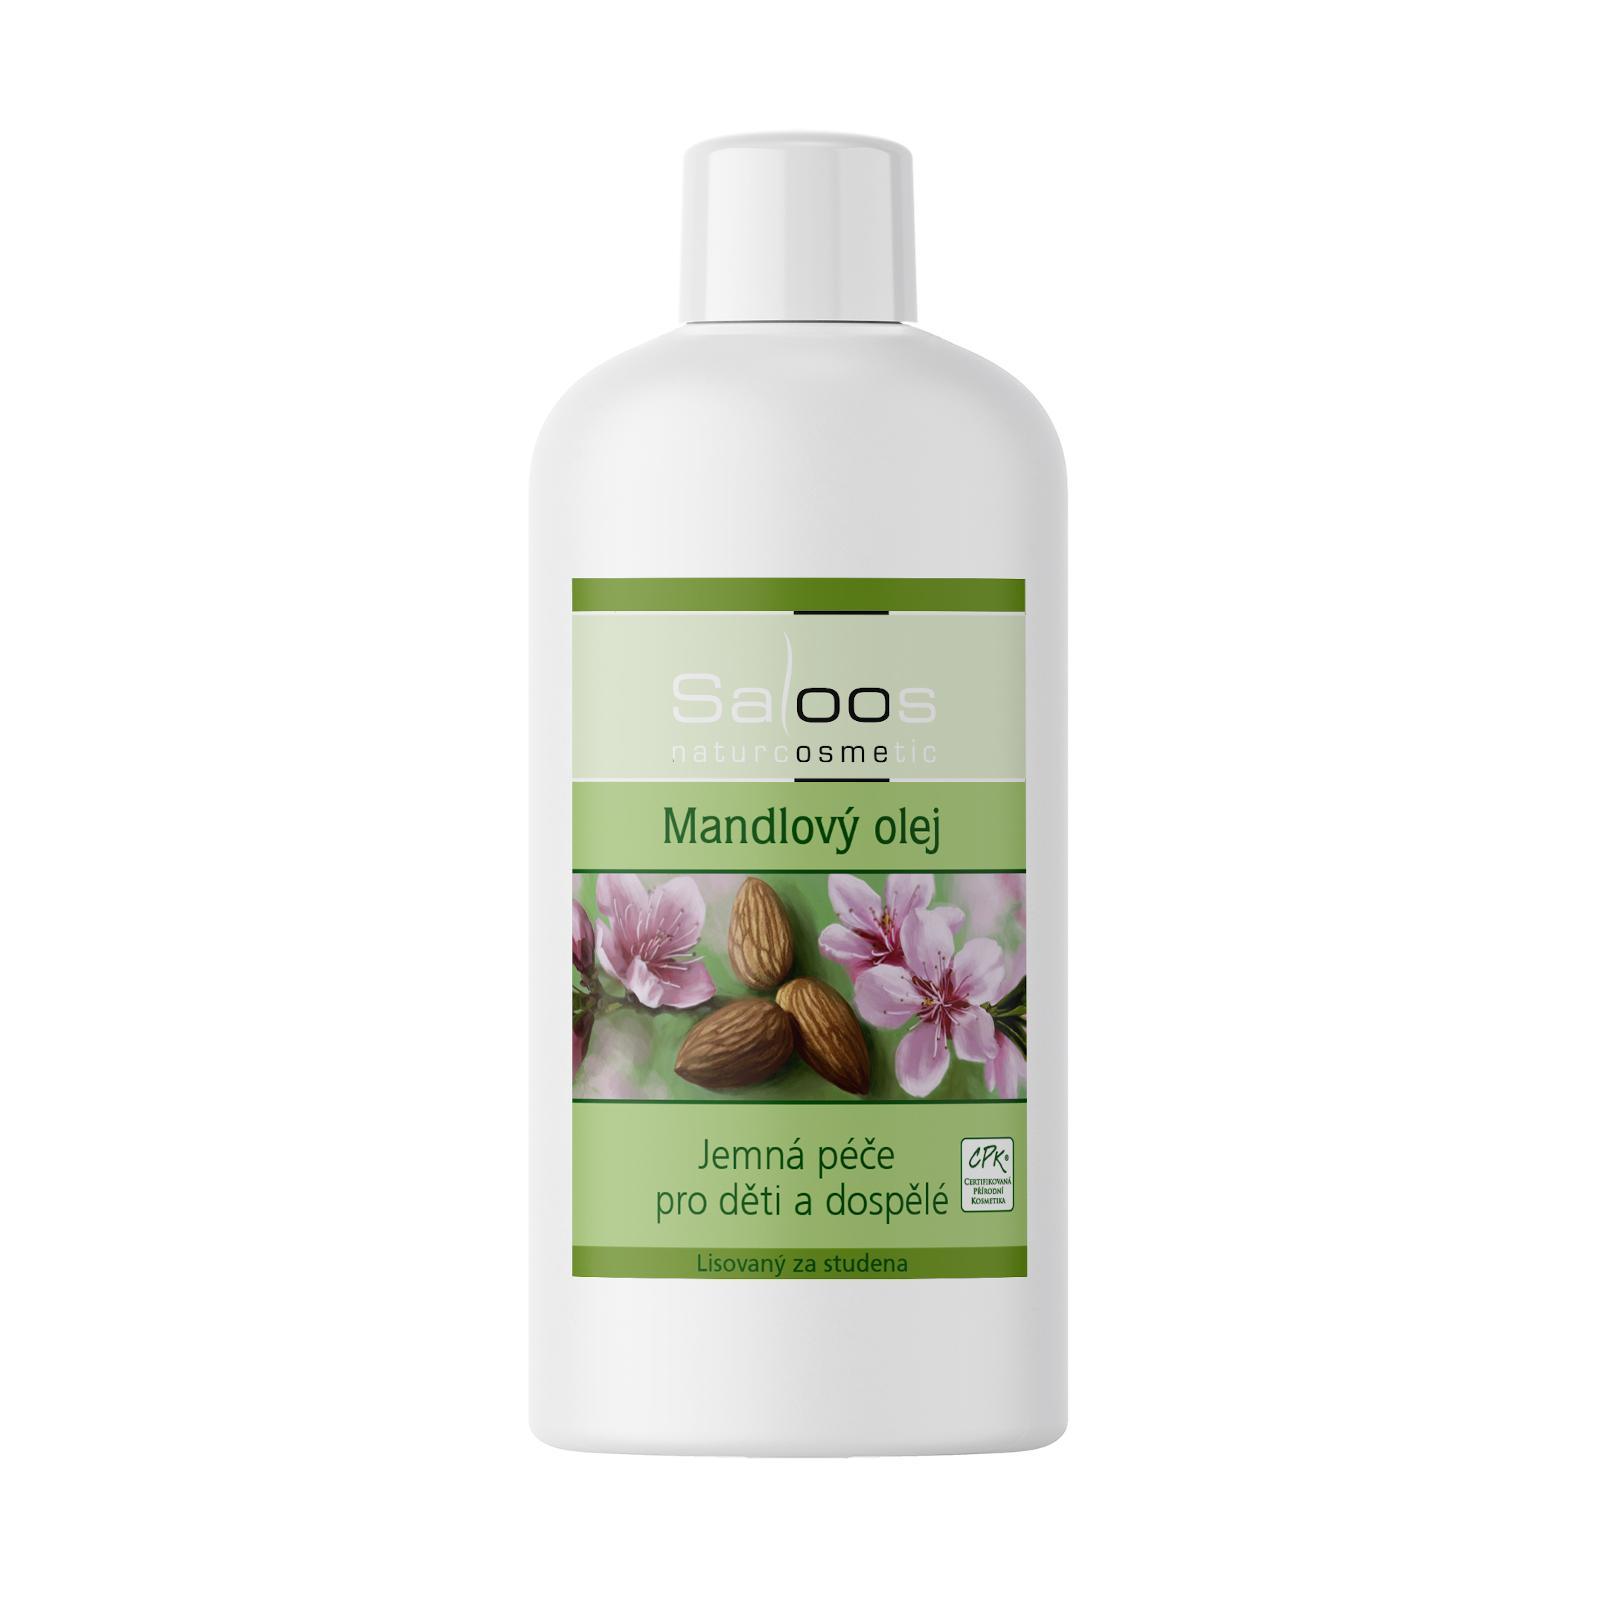 Saloos Mandlový olej 250 ml